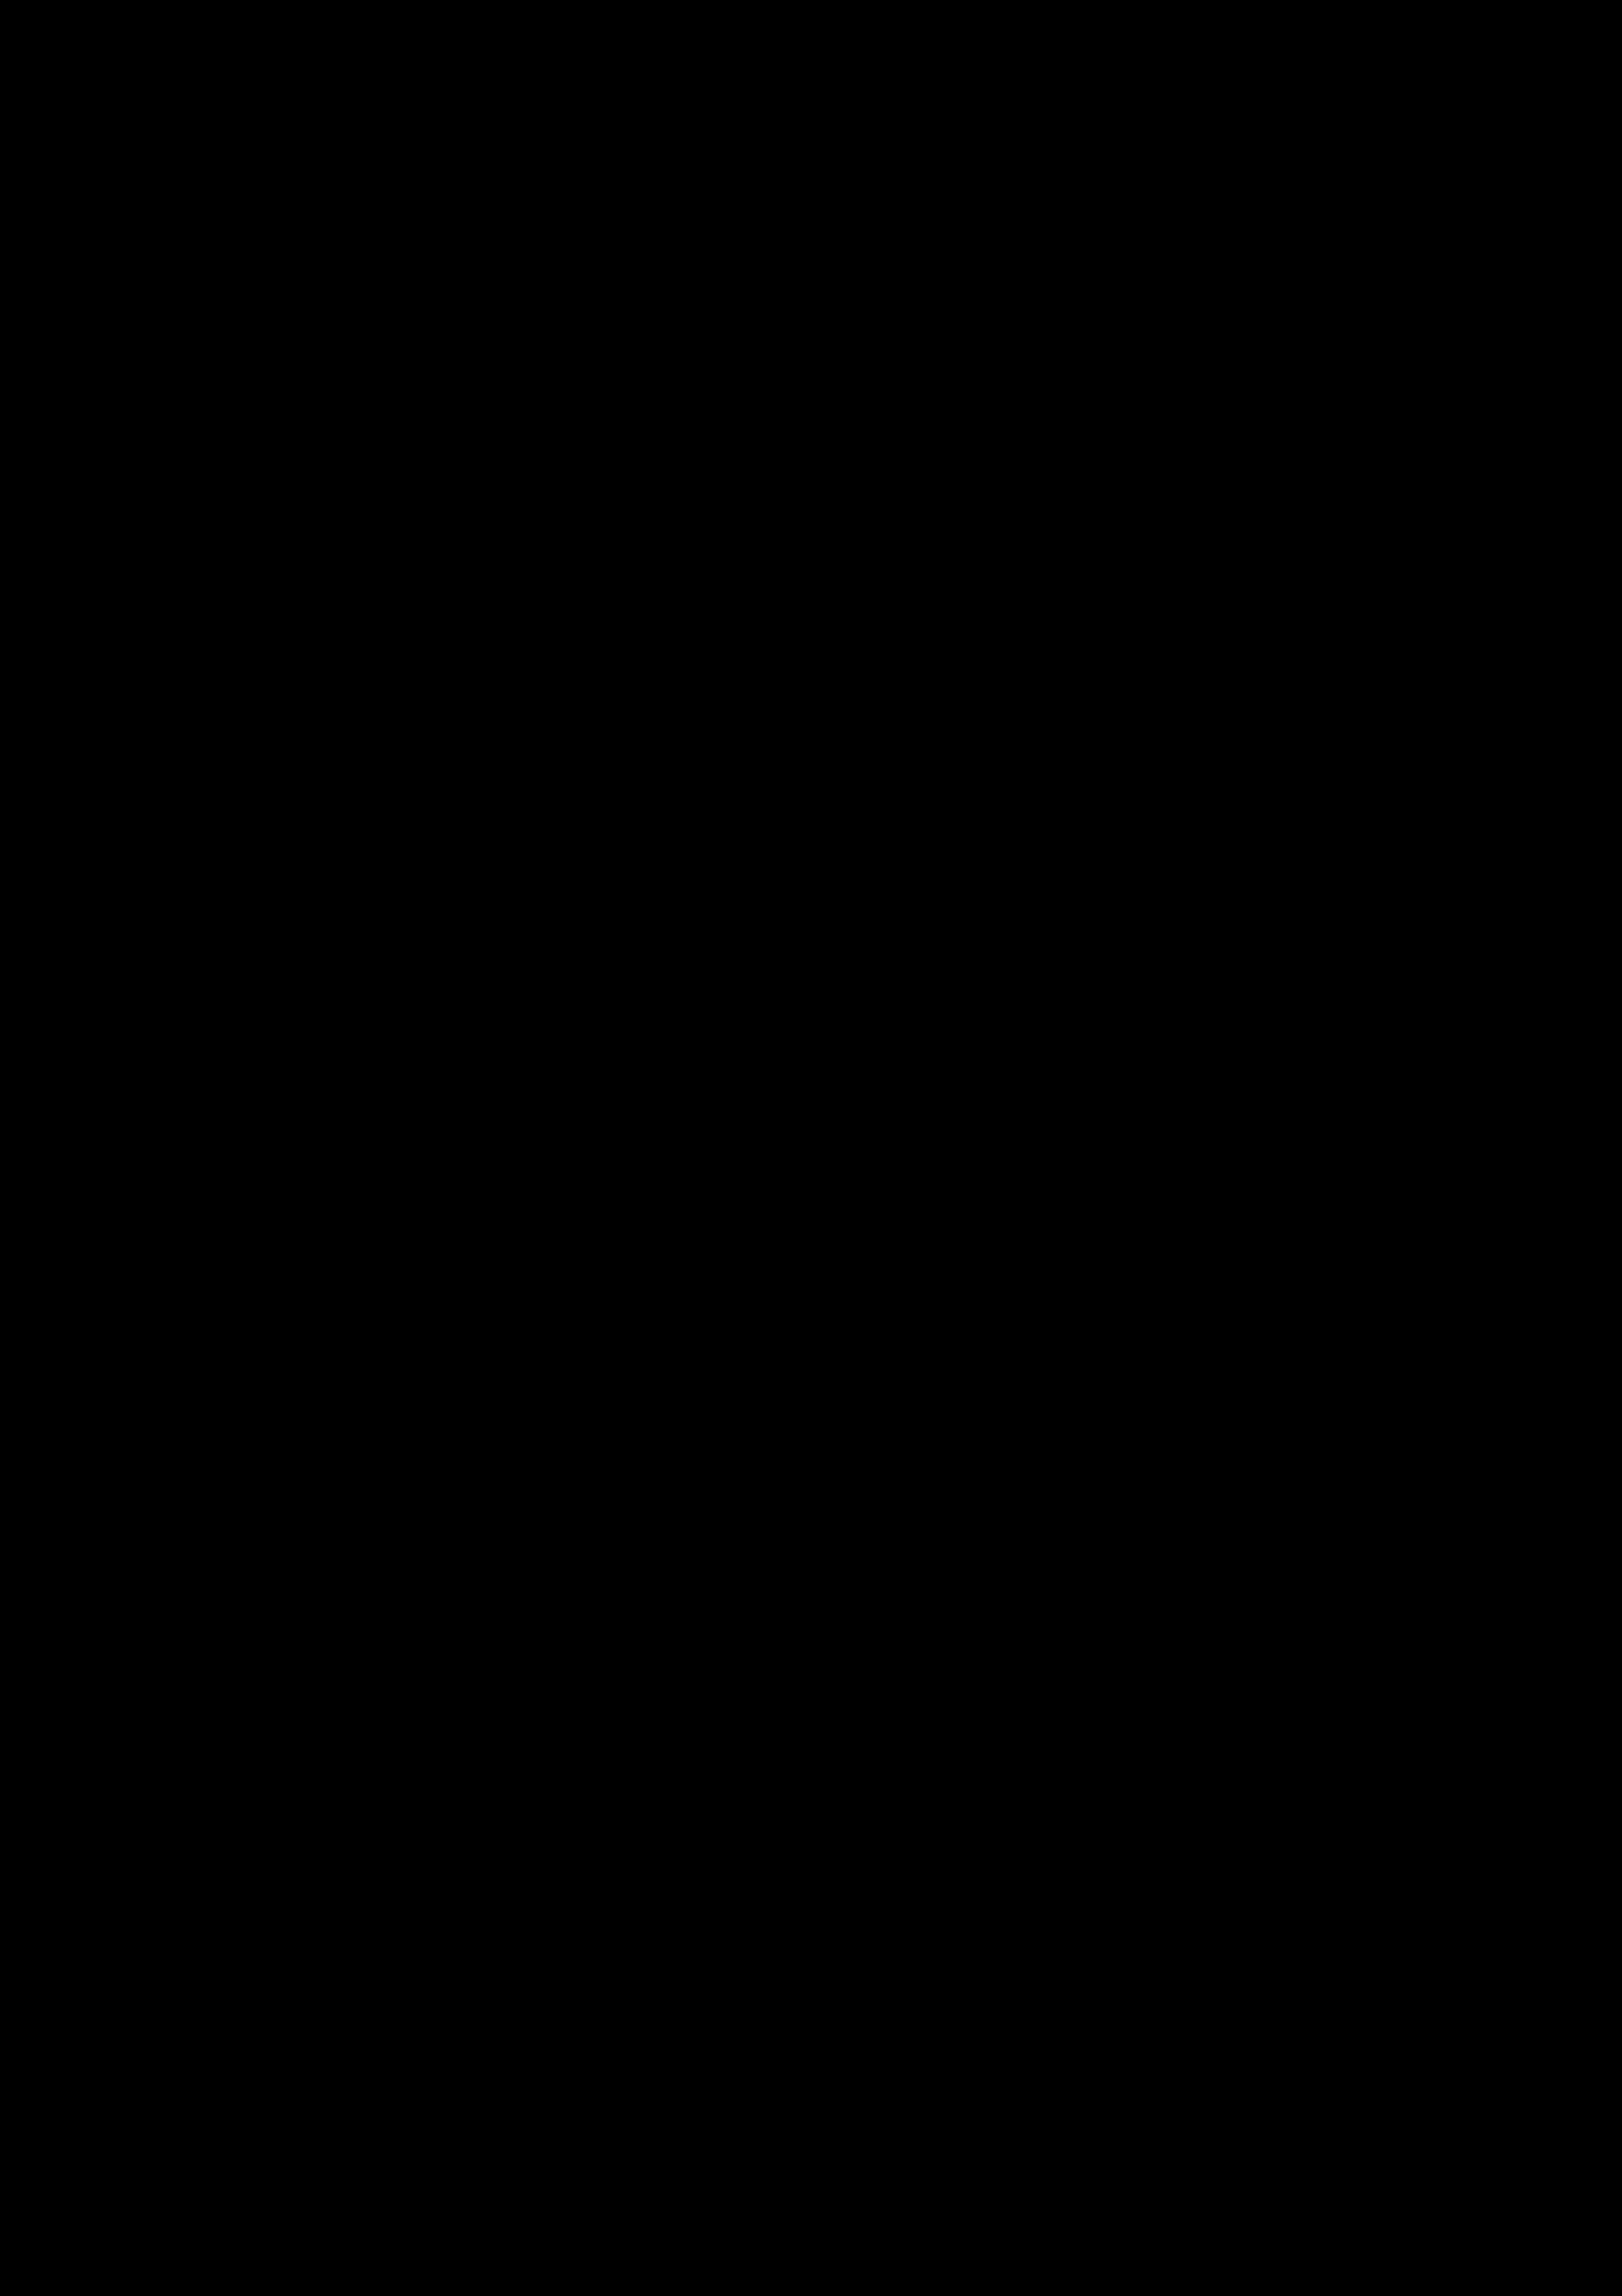 Shaduf, Mauritania, ph. Pietro Laureano 1989